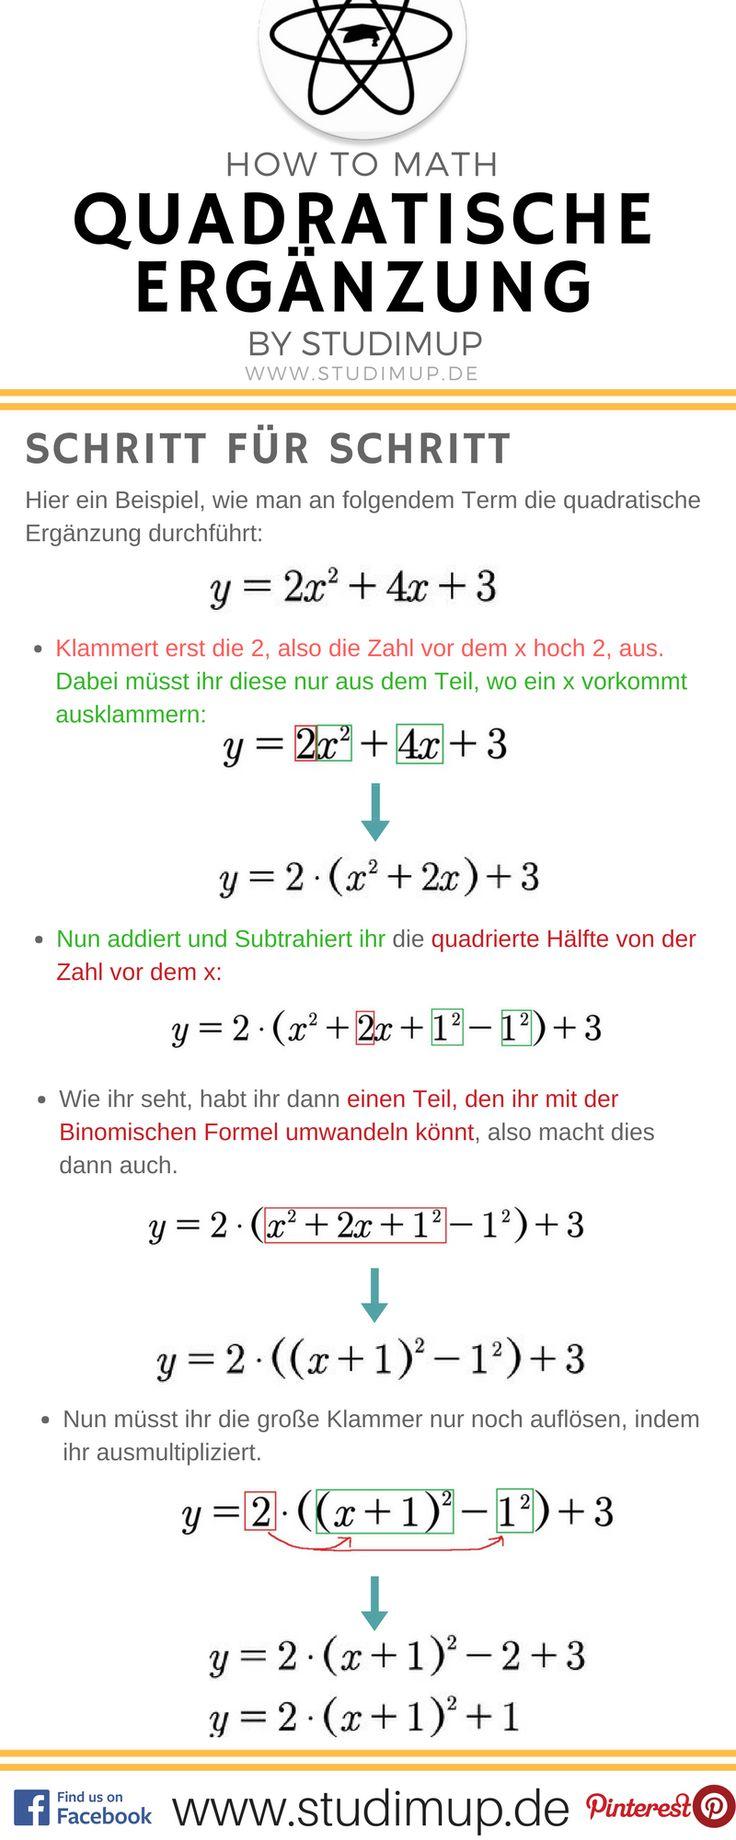 Quadratische Ergänzung im Mathe Spickzettel einfach Erklärt von Studimup. Mit Schritt für Schritt Anleitung an einem Beispiel.